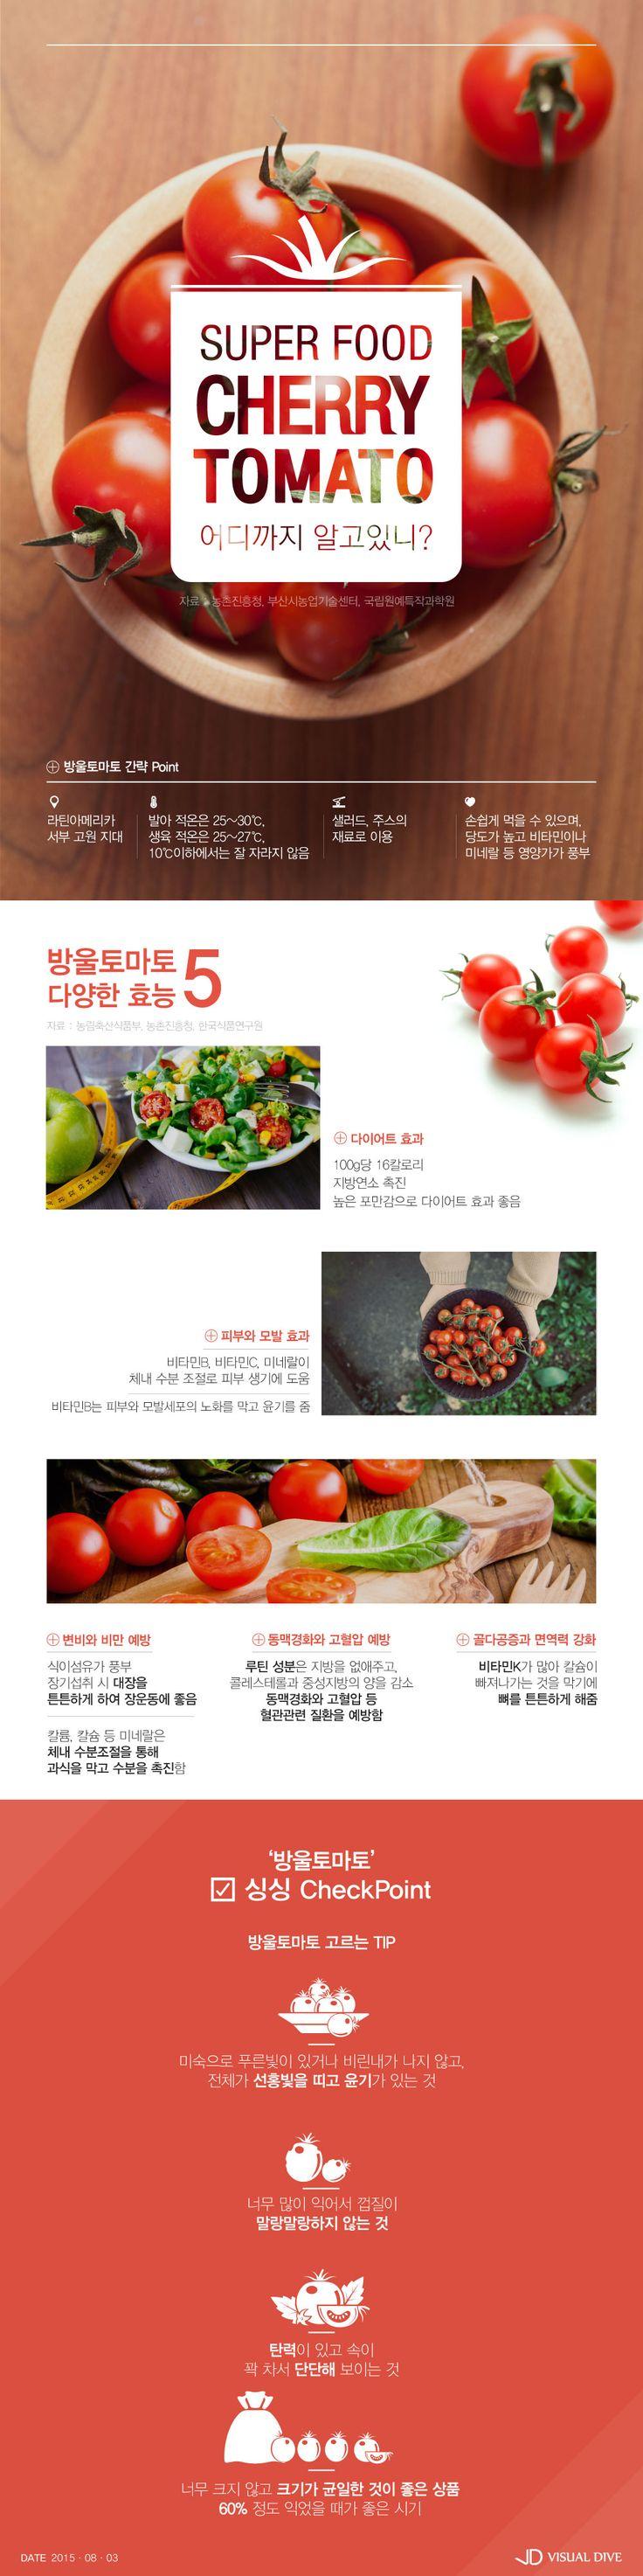 알고 먹자, 슈퍼 푸드 '방울토마토' [인포그래픽] #Tomato / #Infographic ⓒ 비주얼다이브 무단 복사·전재·재배포 금지